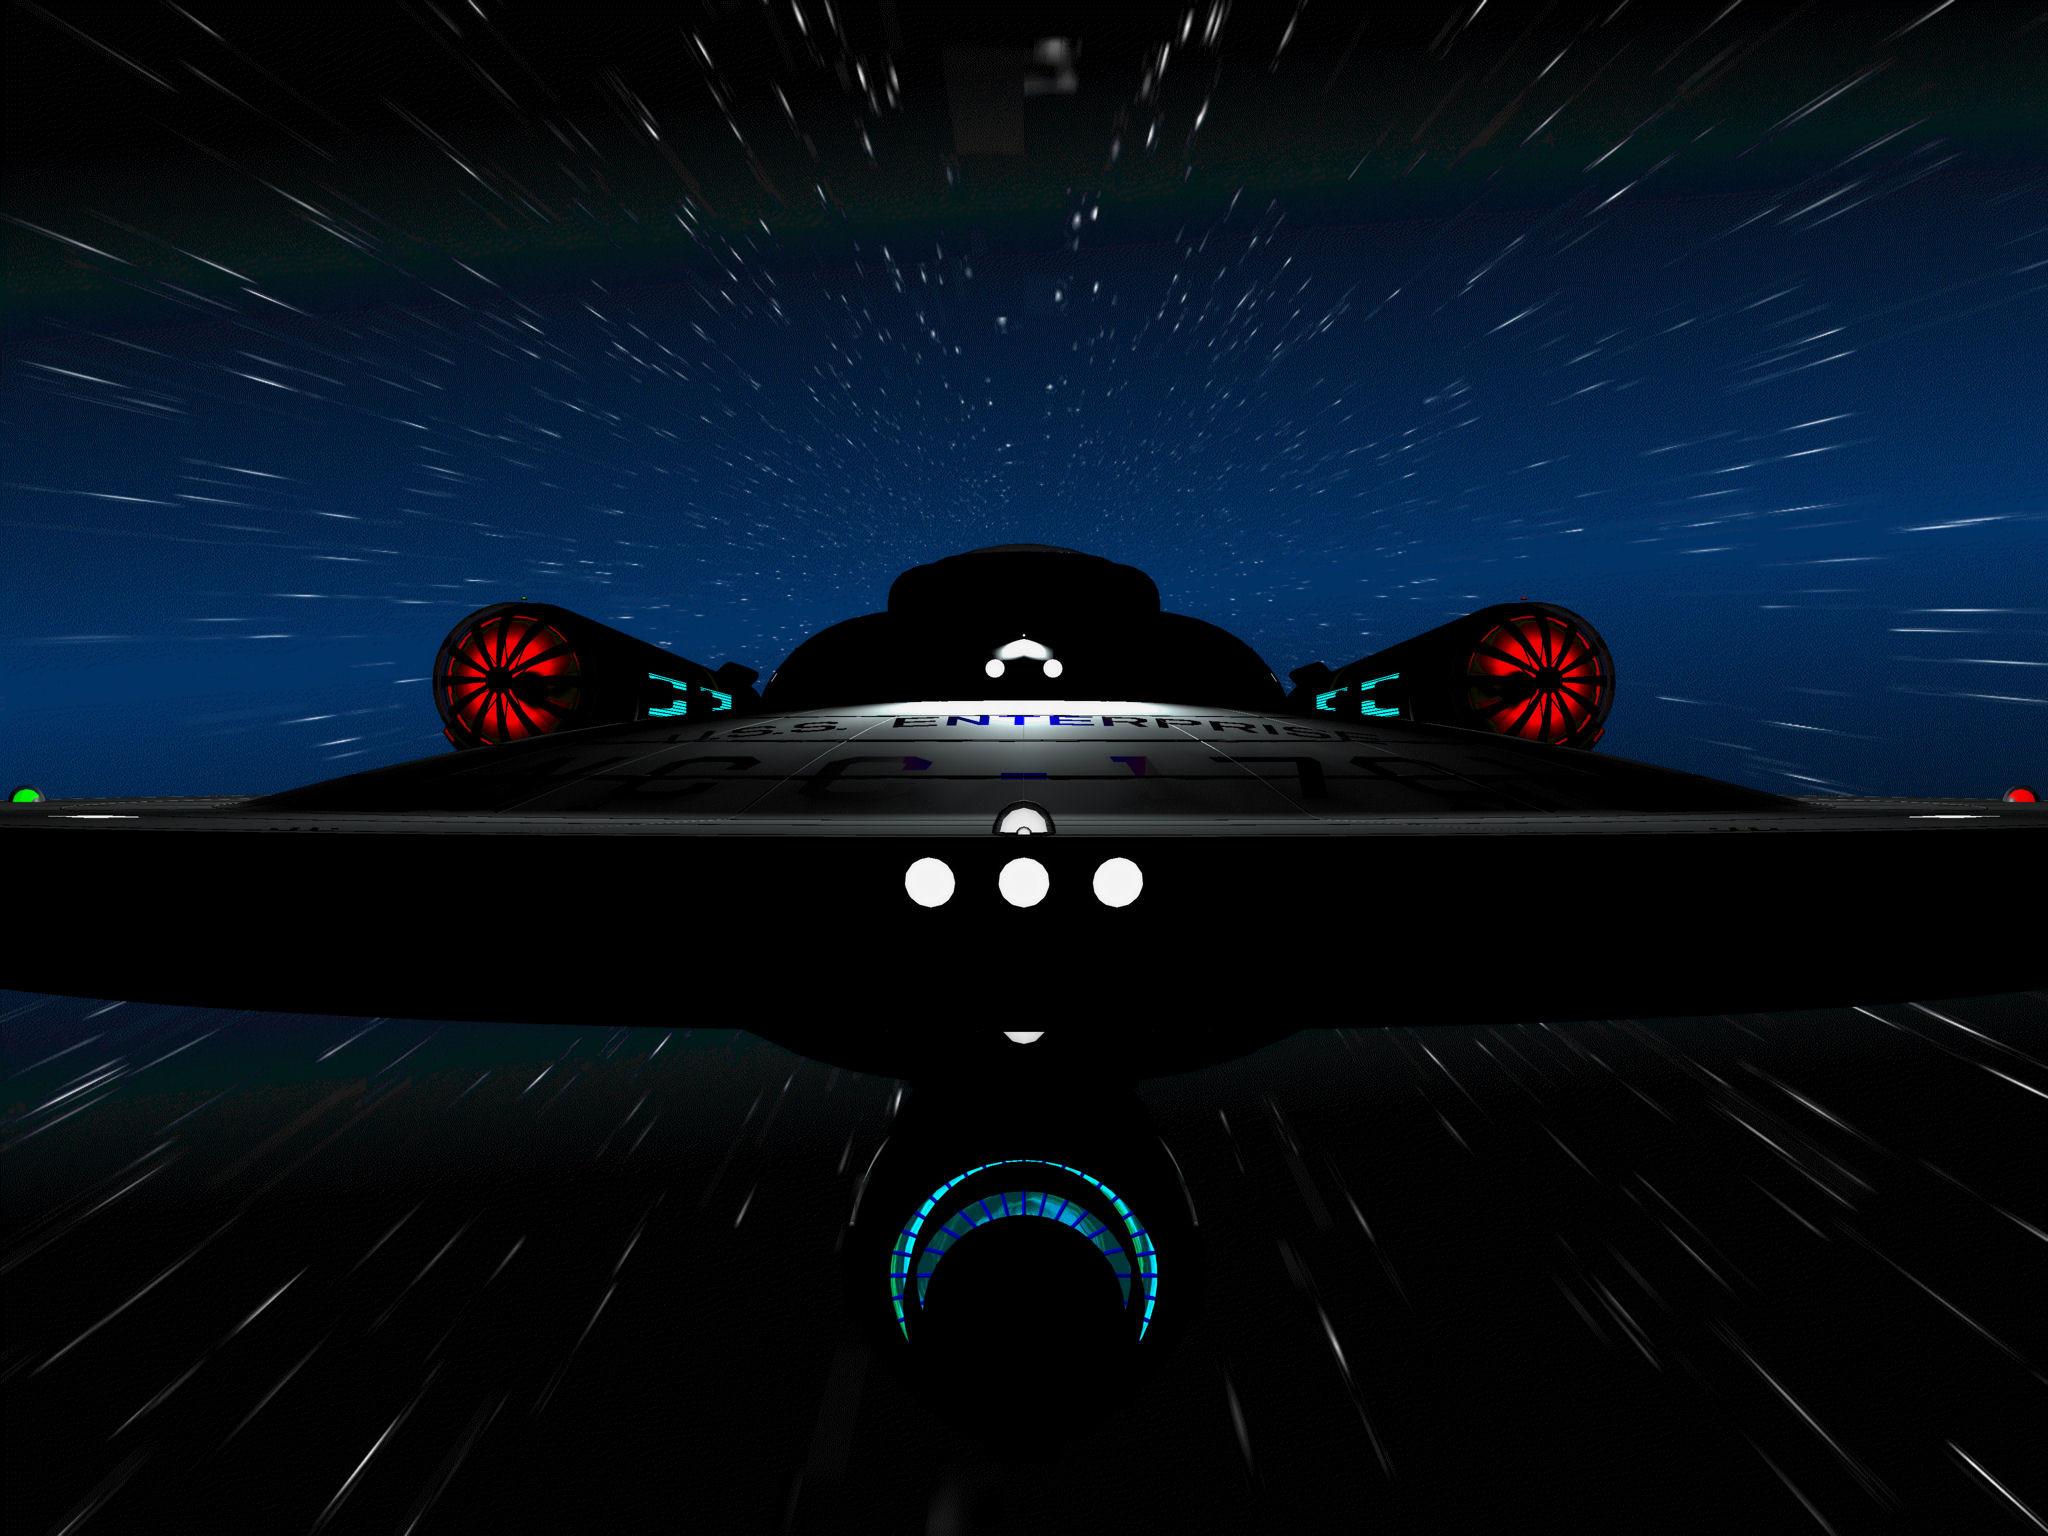 Star Trek Animated Wallpaper